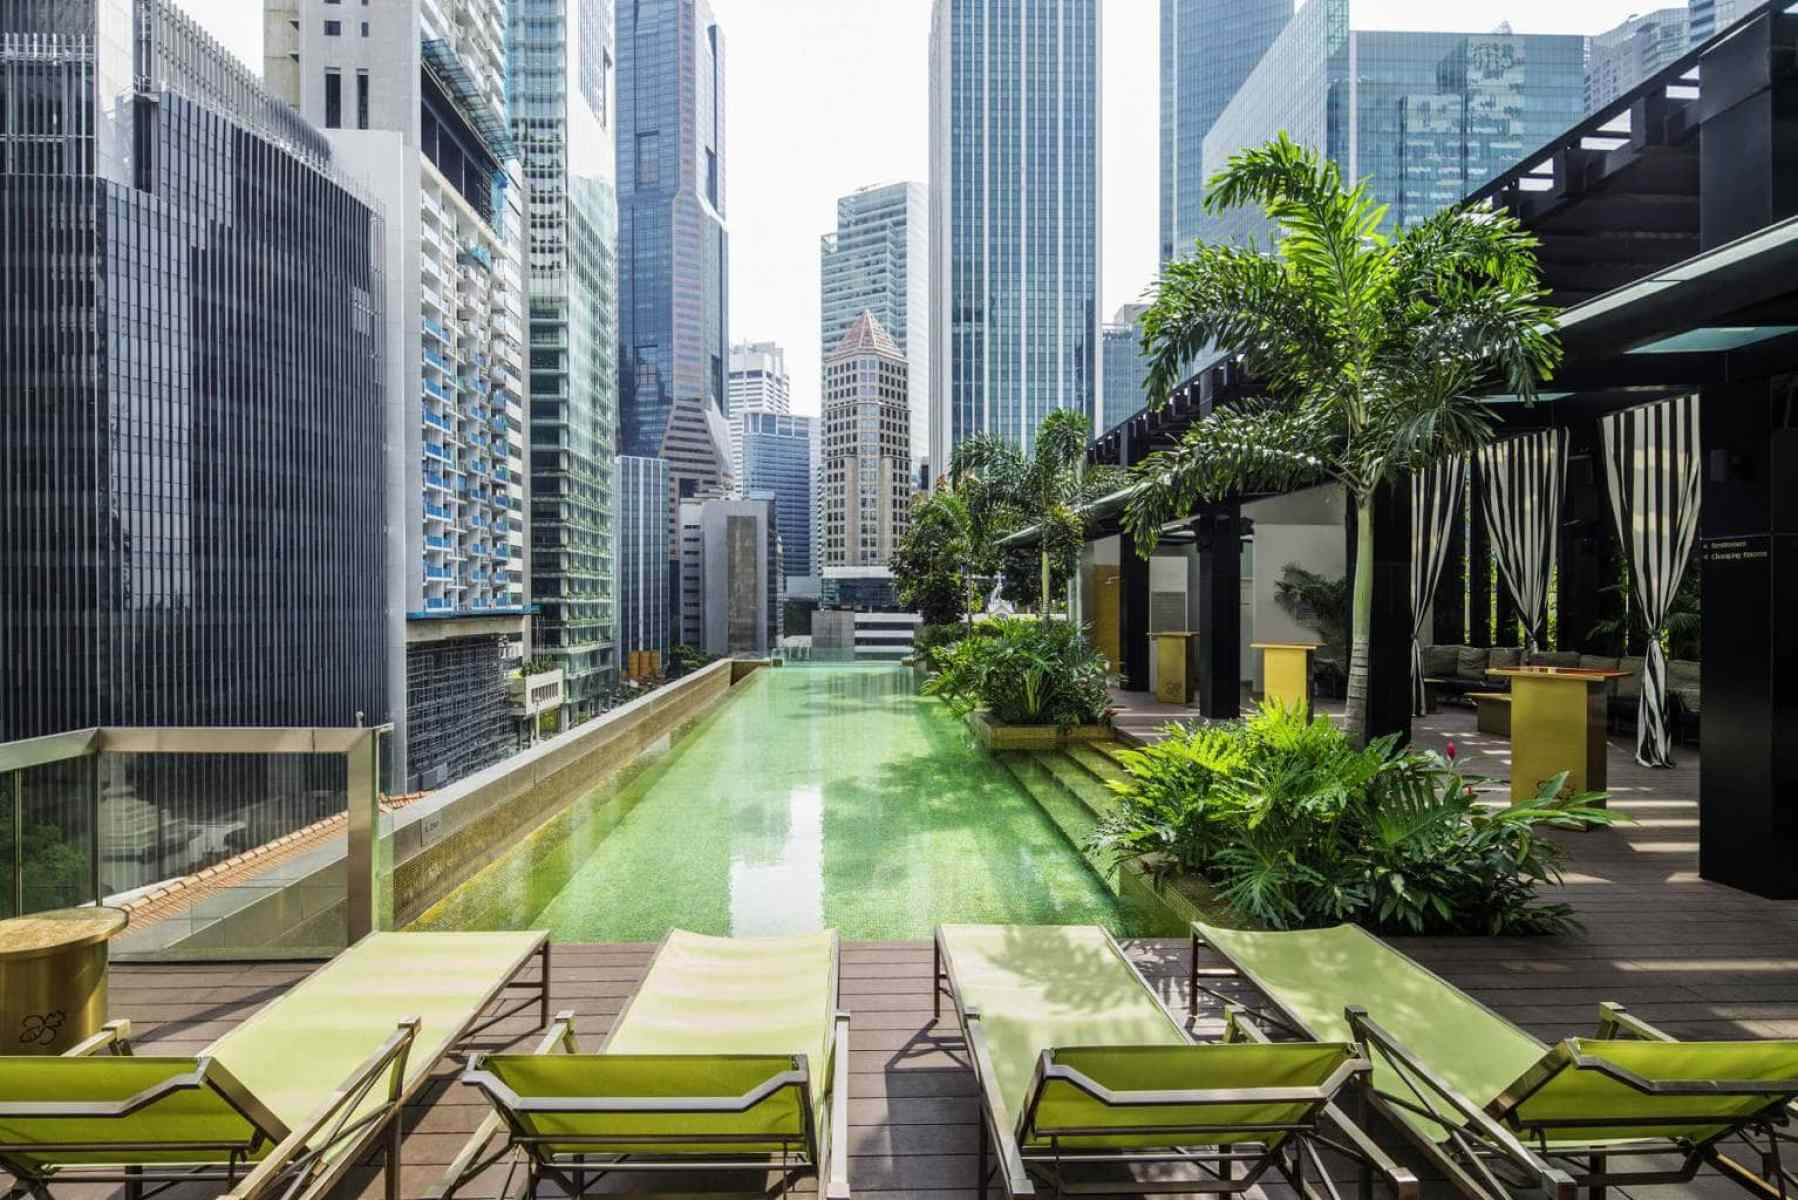 SO Sofitel rooftop pool